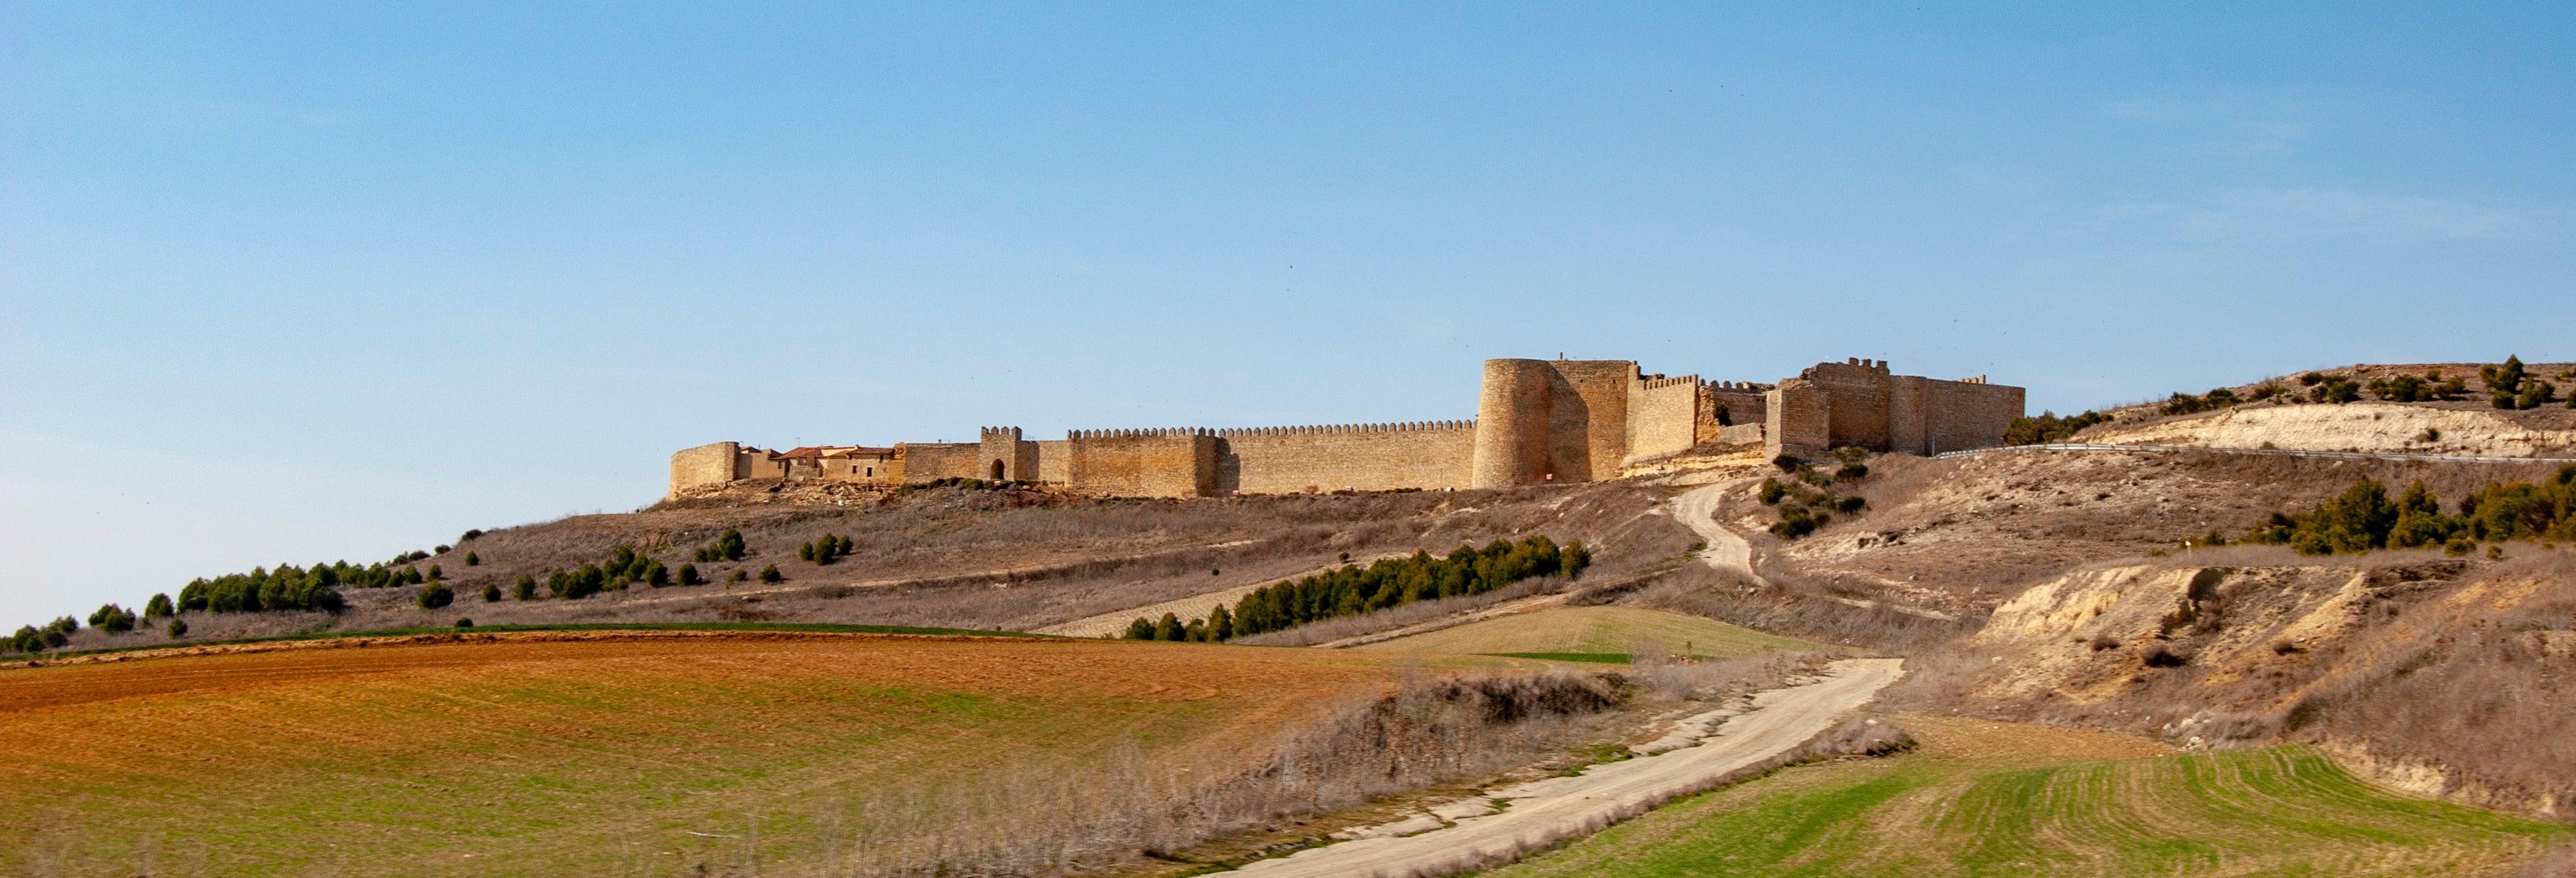 Visita guiada por Urueña y Monasterio de la Santa Espina